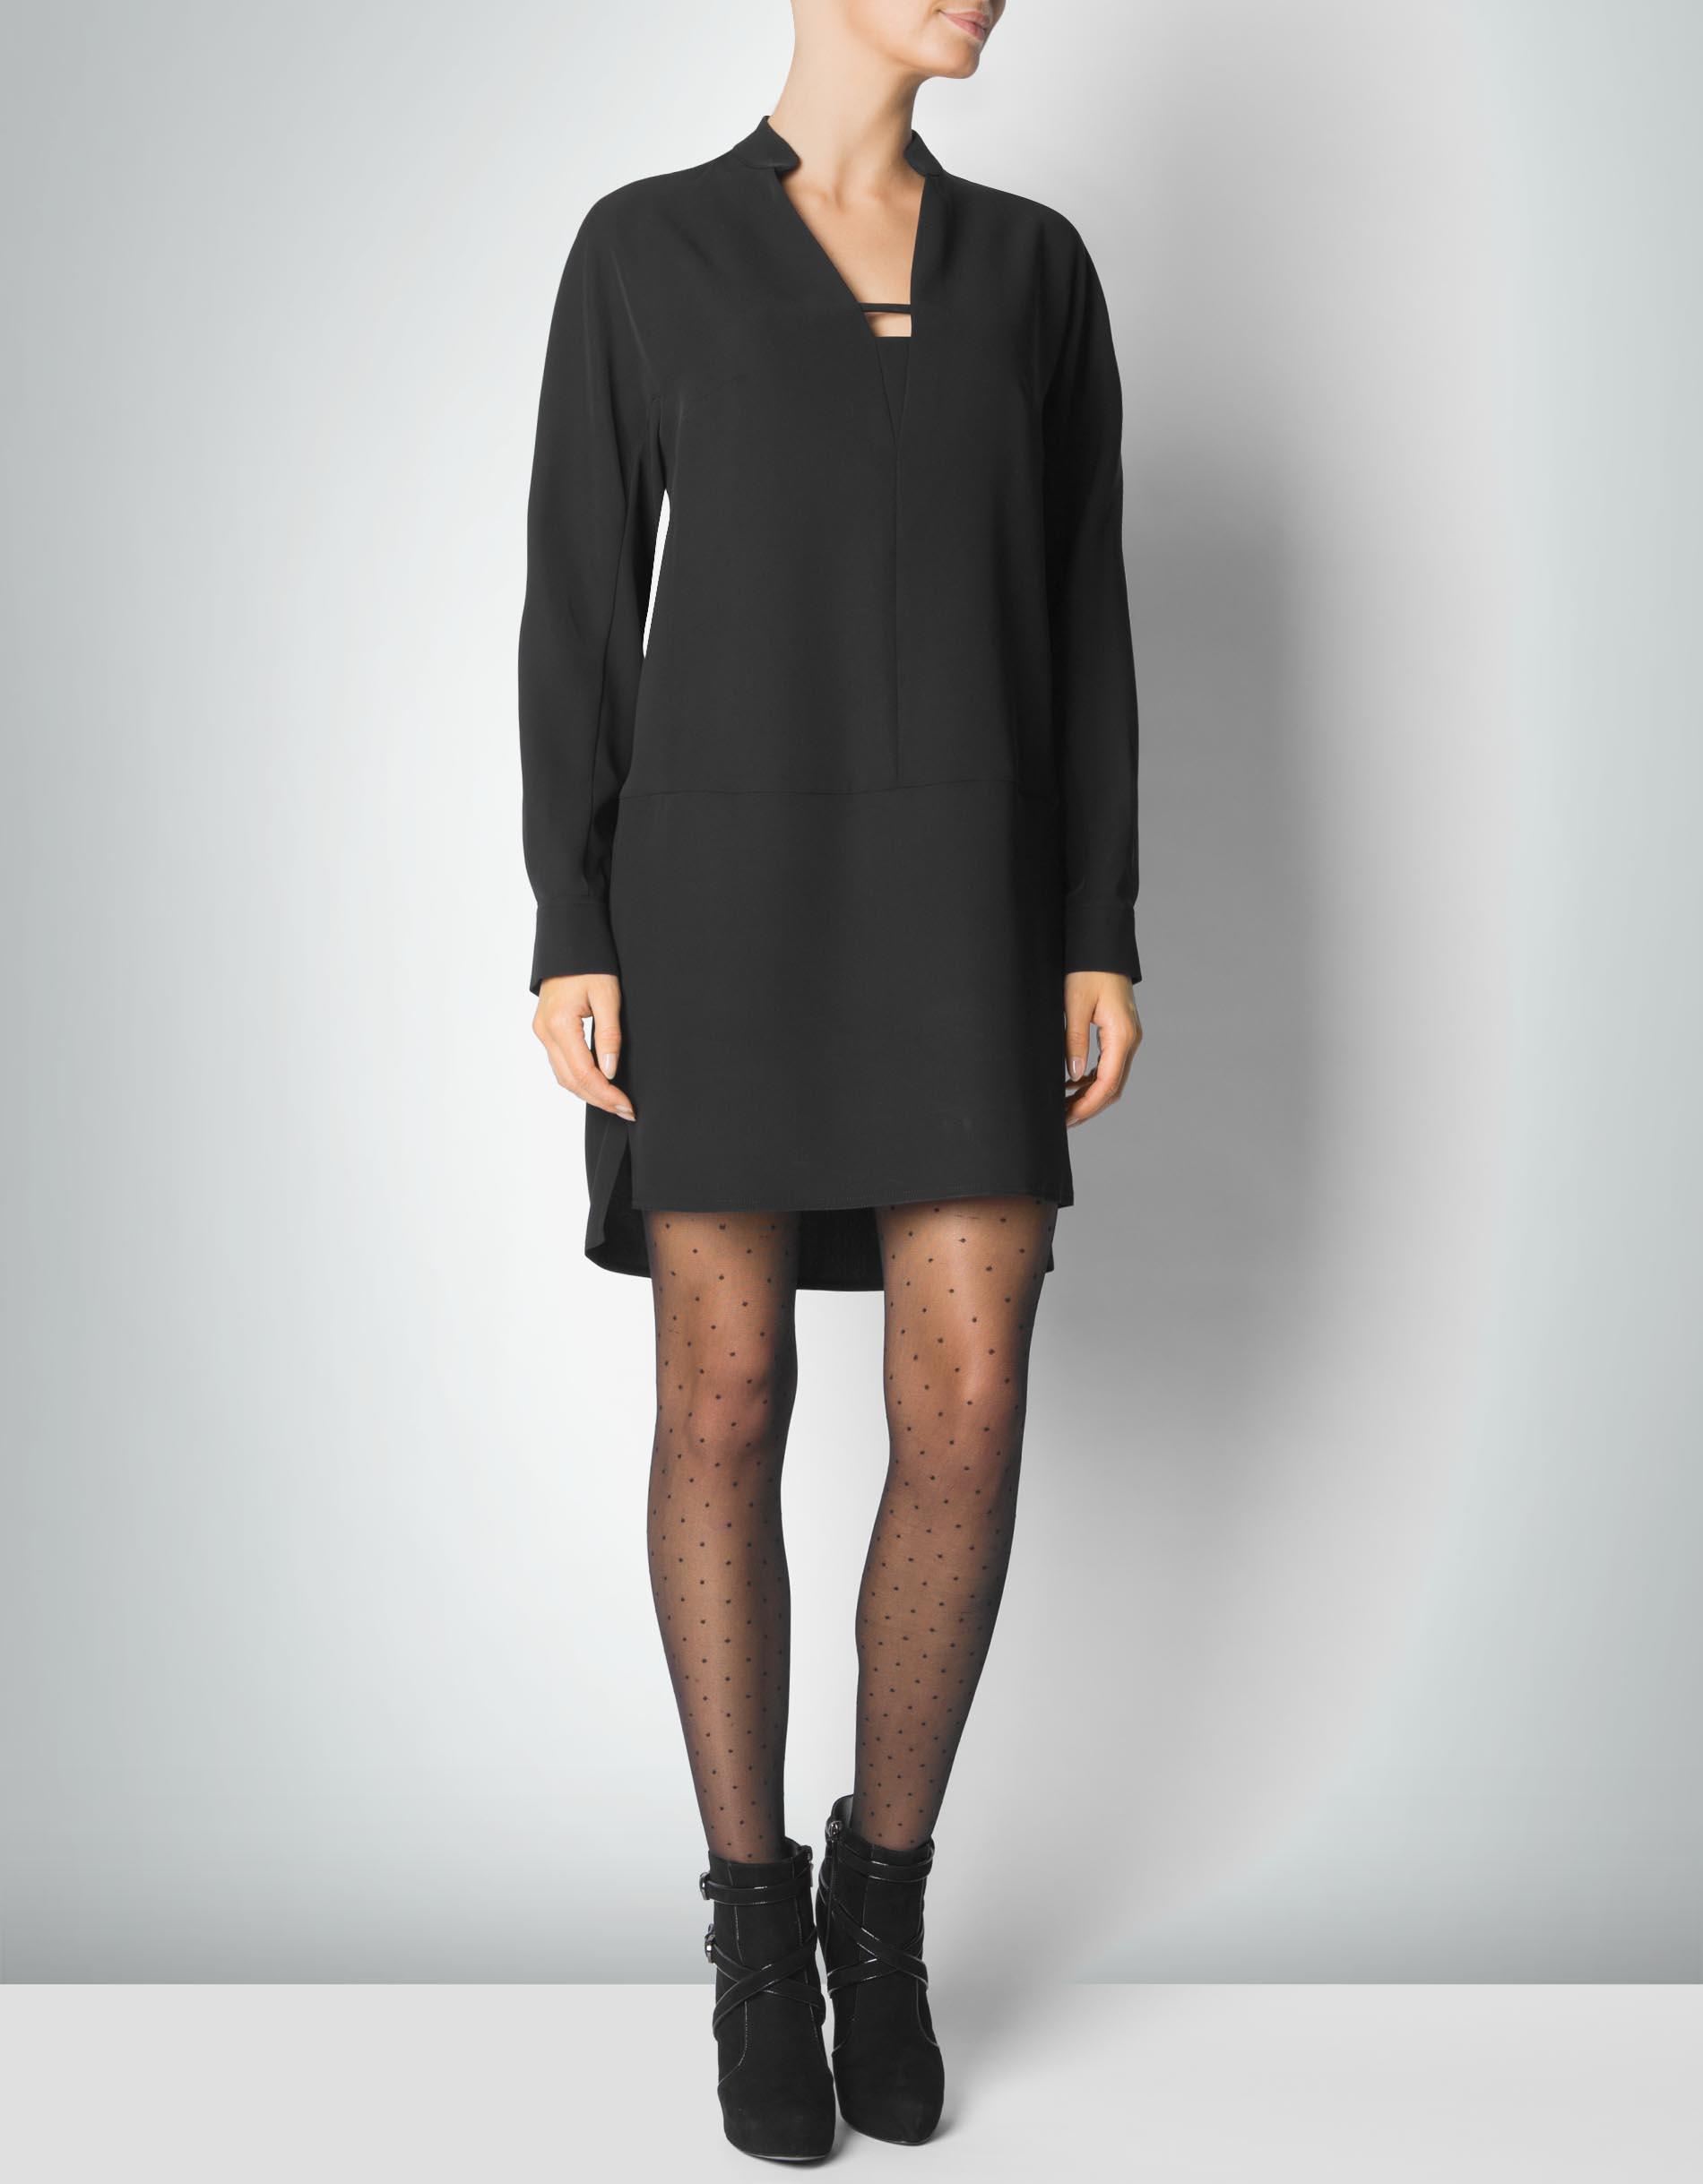 liu jo damen kleid mit stehkragen empfohlen von deinen. Black Bedroom Furniture Sets. Home Design Ideas